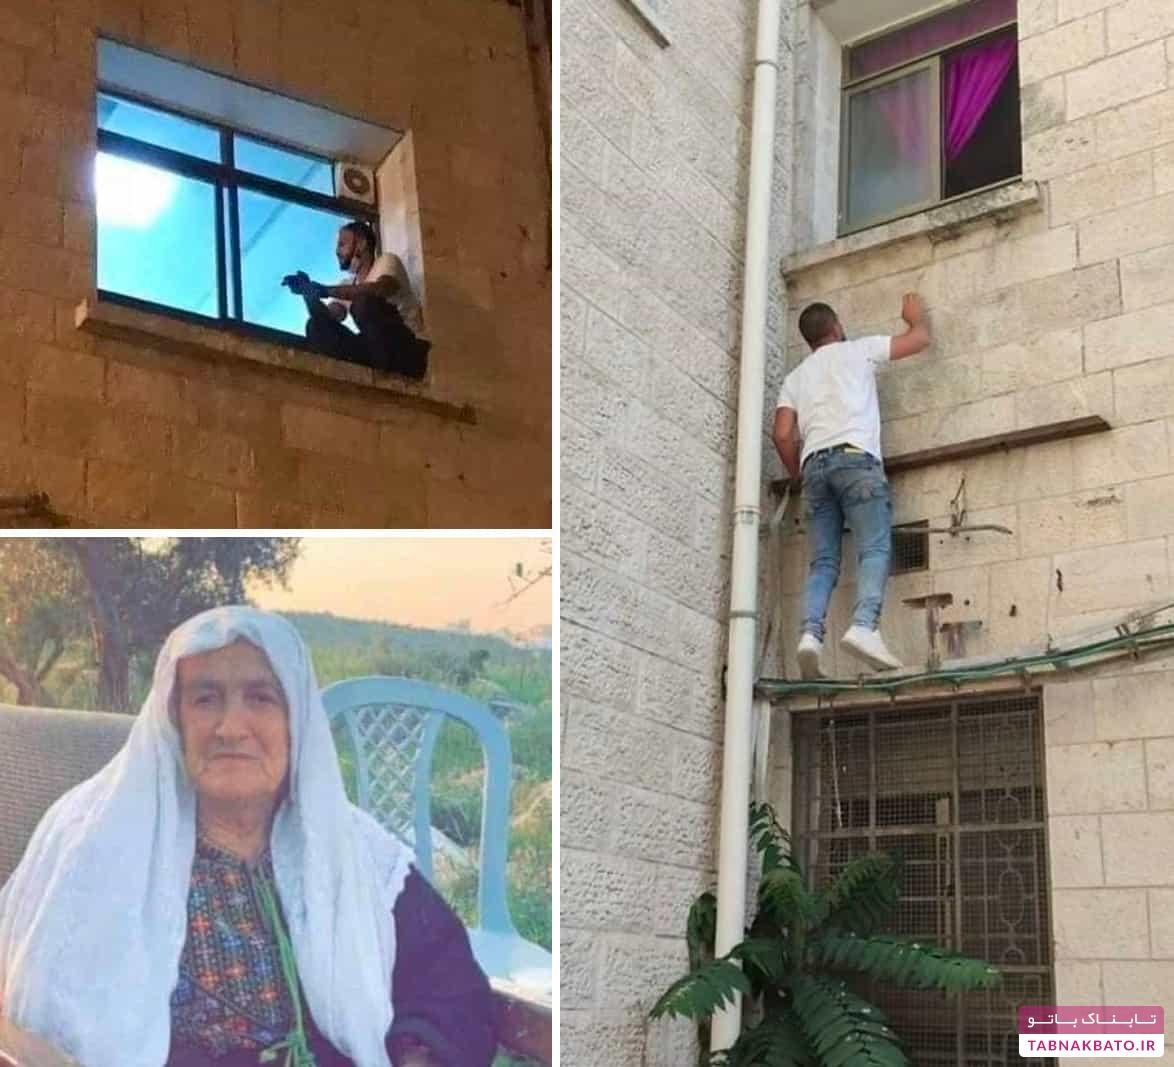 ماجرای خبرساز  پسر فلسطینی و مادر کرونایی